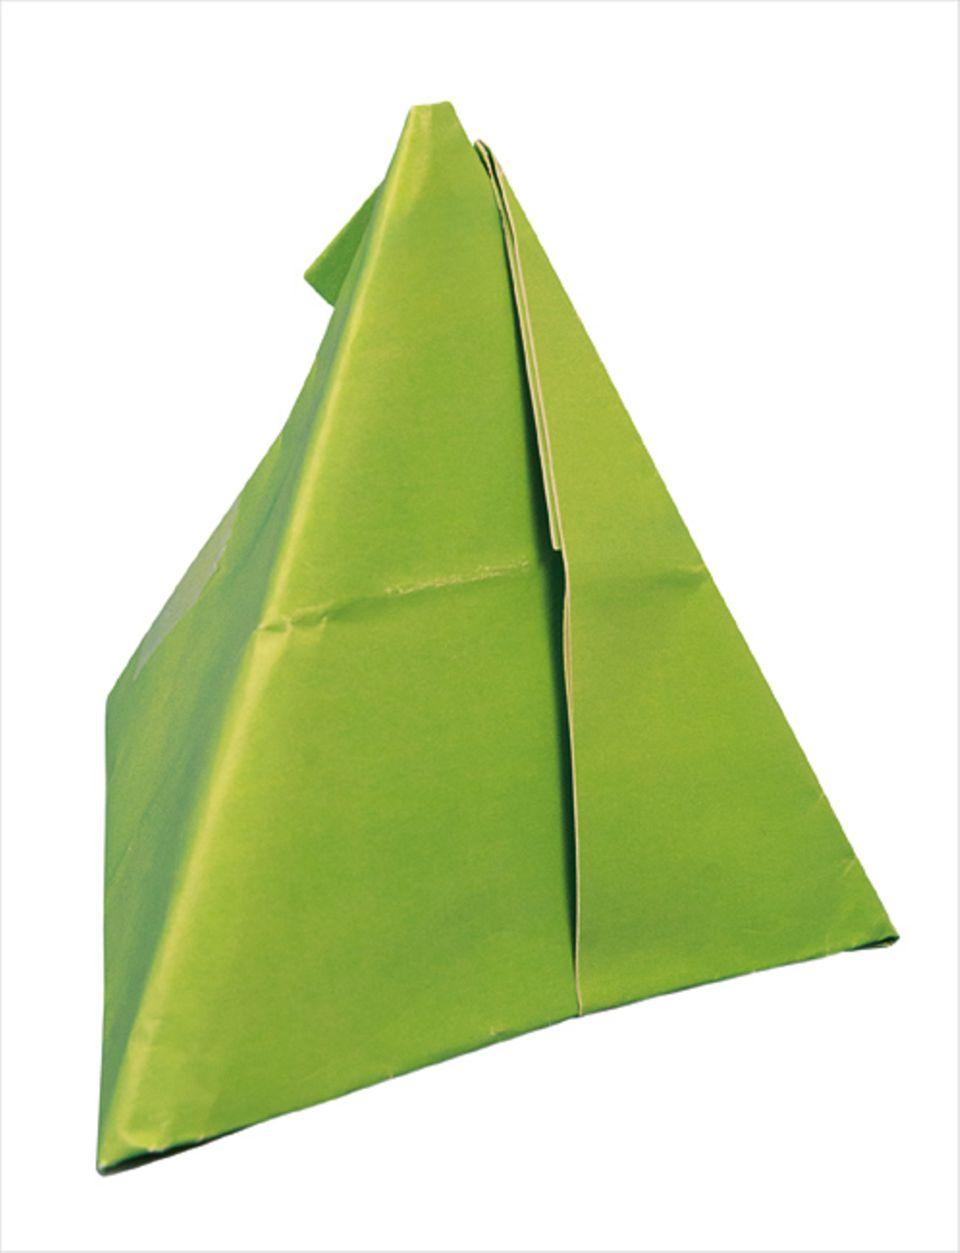 Mathematik: So eine Pyramide kann man ganz schnell aus einem Blatt Papier basteln